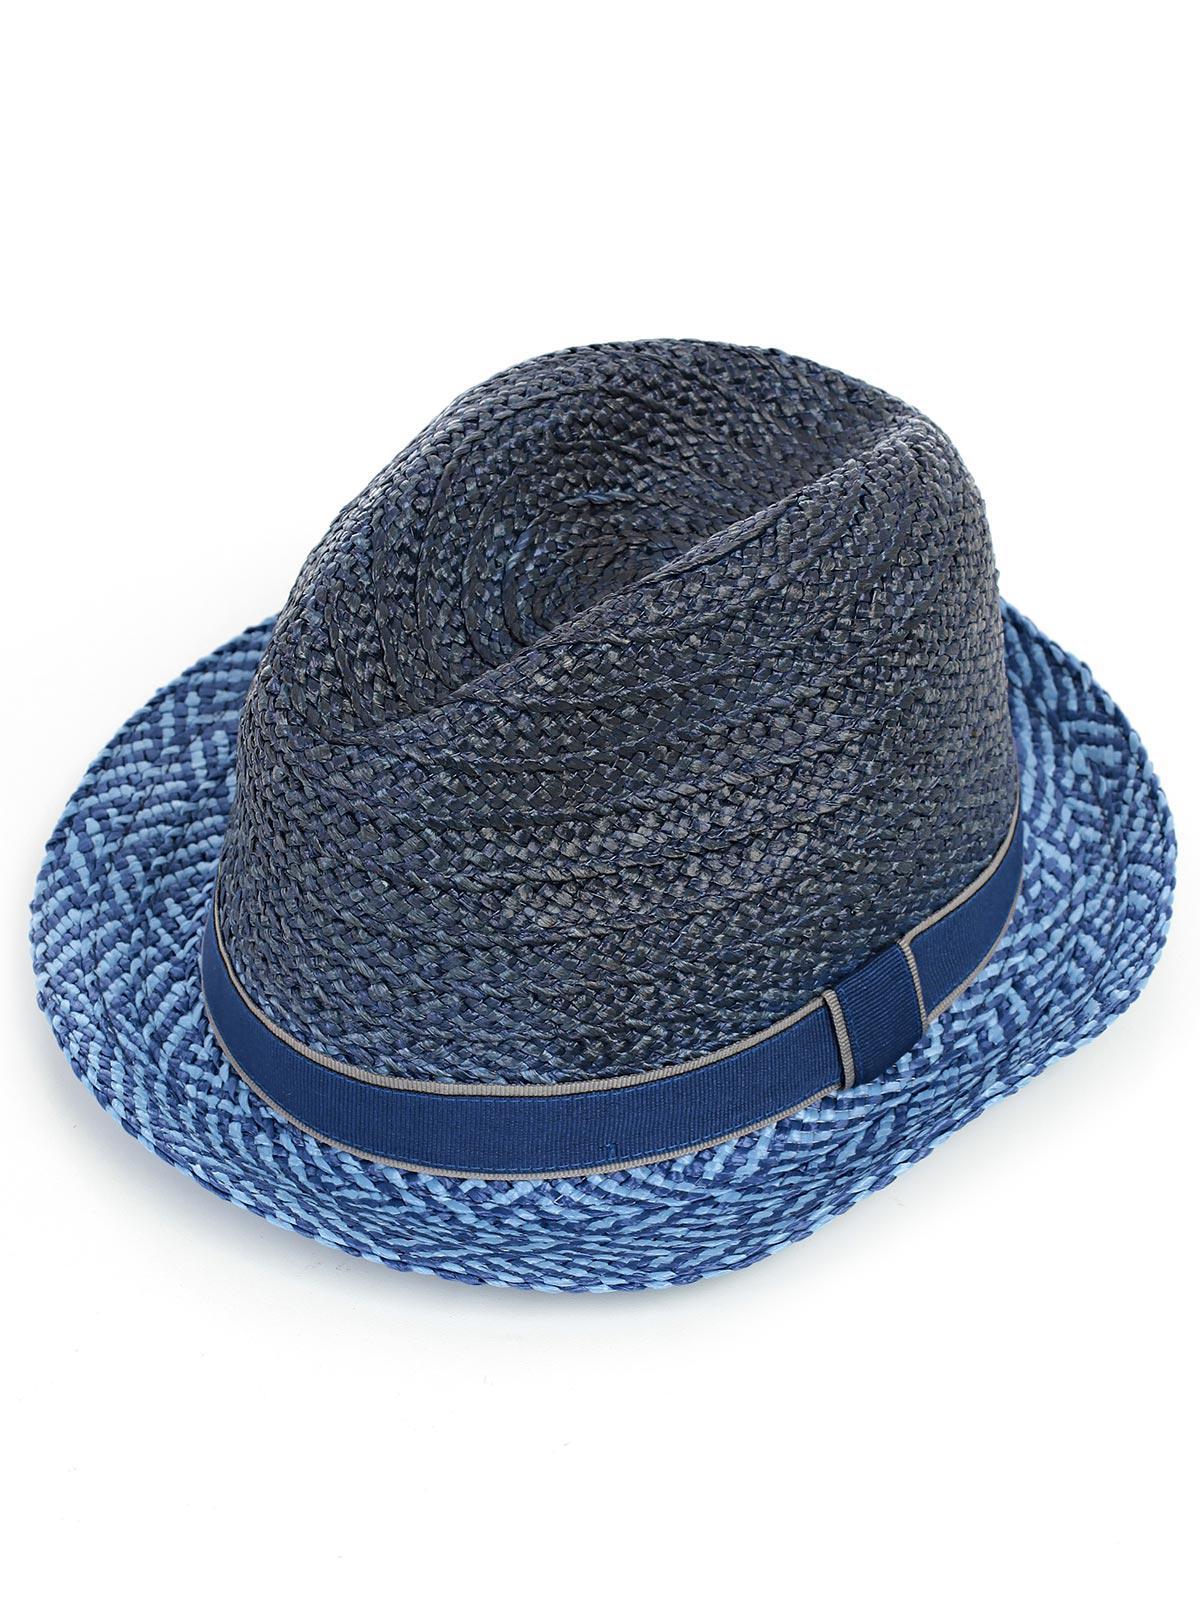 Lyst - Paul Smith Cappello Paglia in Blue for Men df71e624ba10